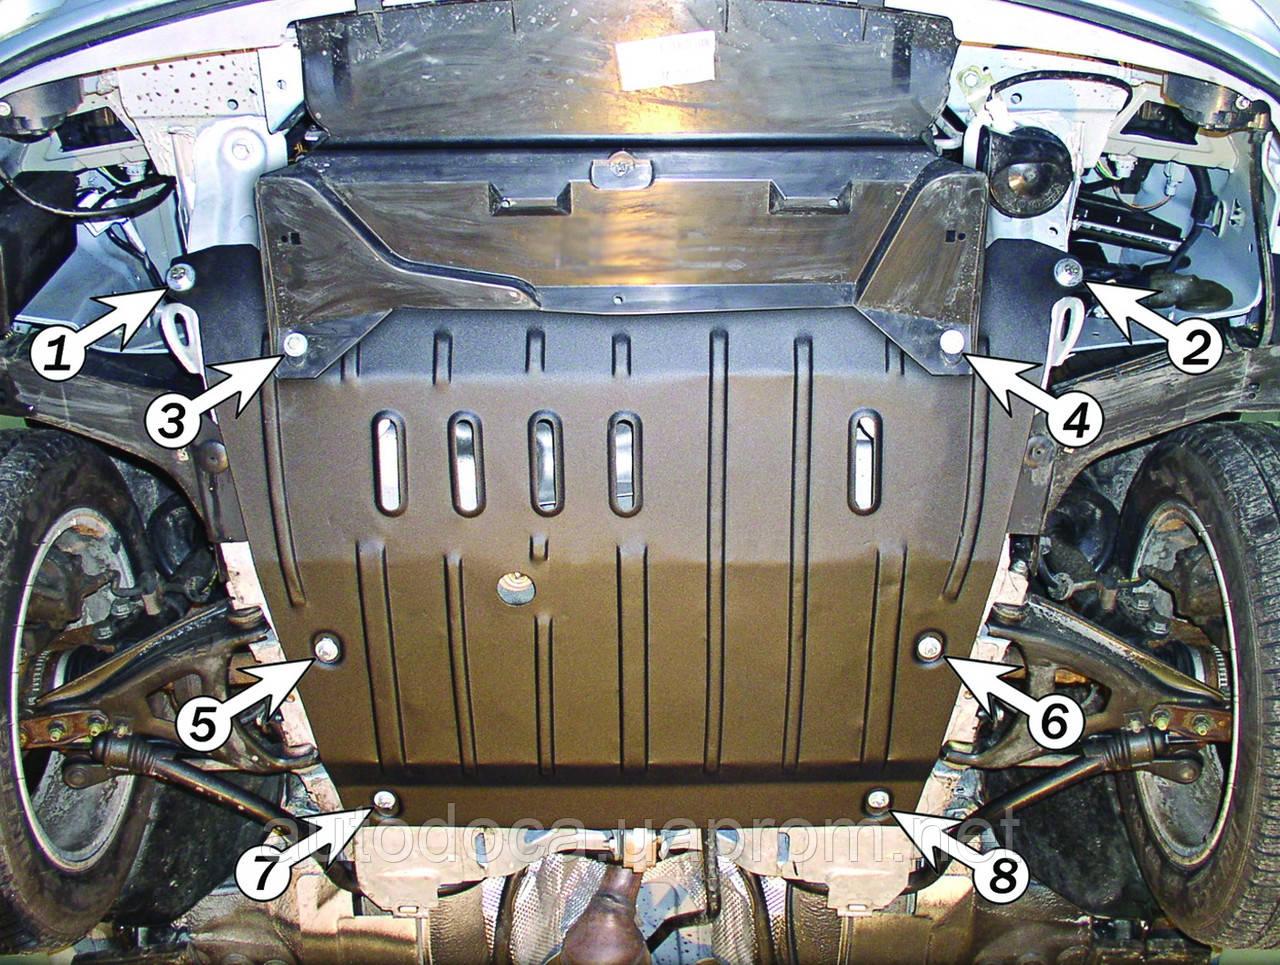 Защита картера двигателя и кпп Renault Megane Coupe  1999-2003  с установкой! Киев